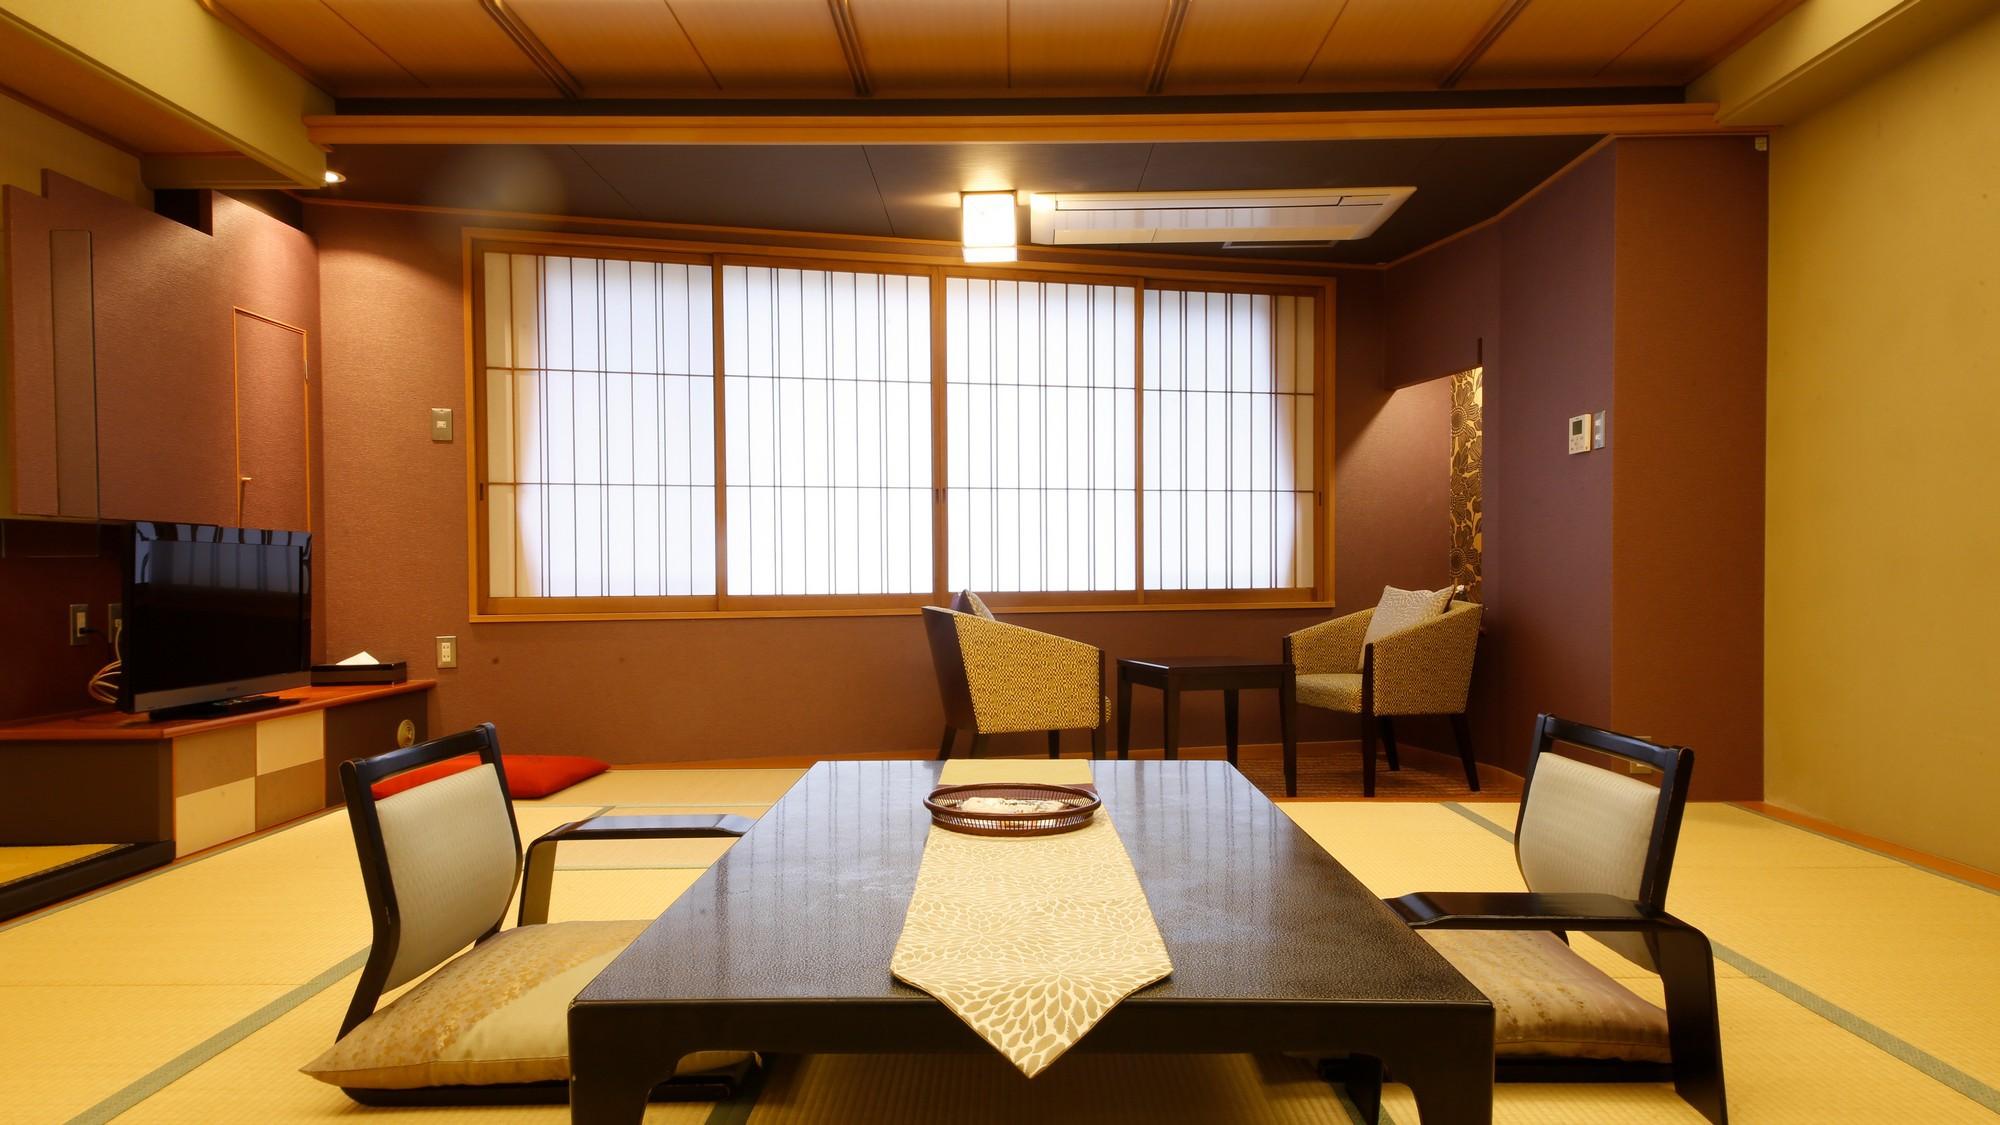 風雅な和モダンデラックス客室<市松>  絨毯敷きのスペースとなった広縁を設けました。